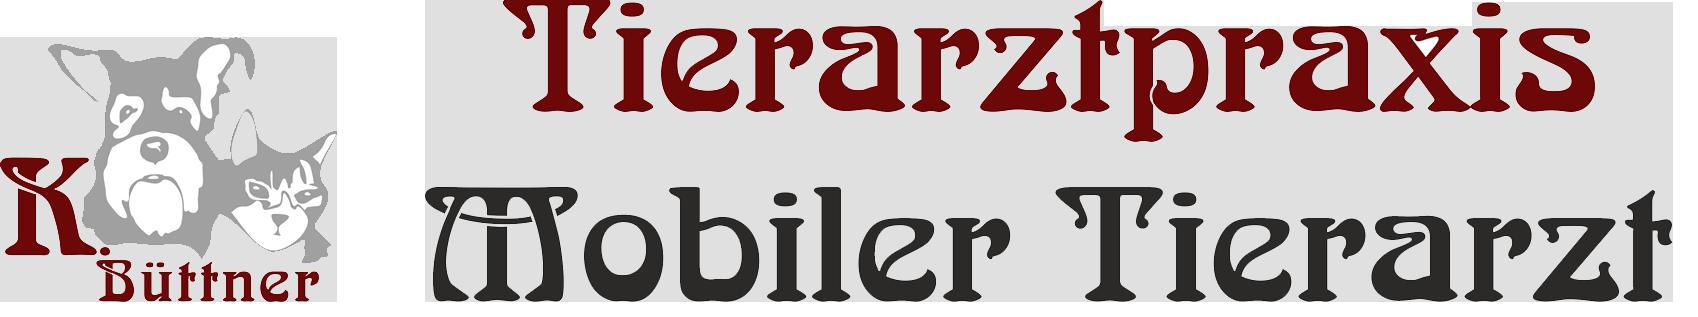 Tierarztpraxis Büttner & Mobiler Tierarzt Oberhausen